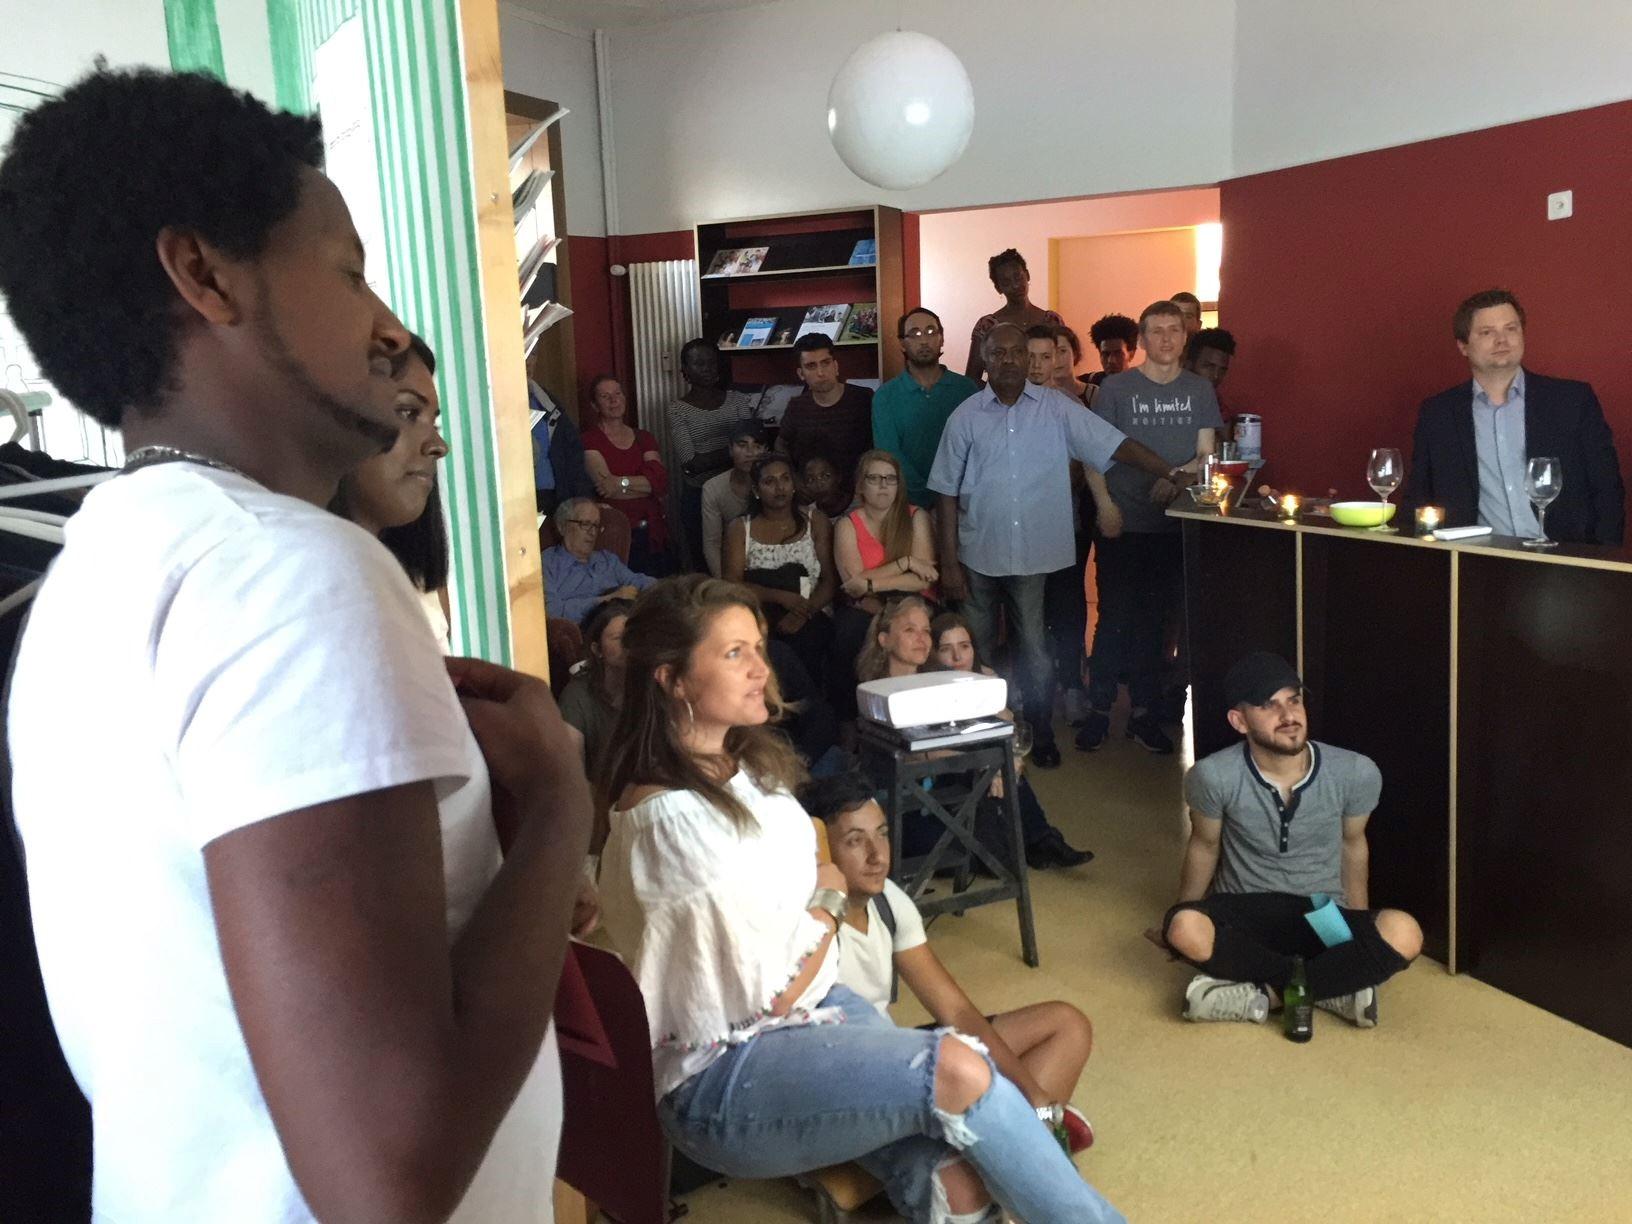 Gespannte Aufmerksamkeit mit Blick auf die Leinwand – das Publikum bei der Premiere des Kurzfilms.